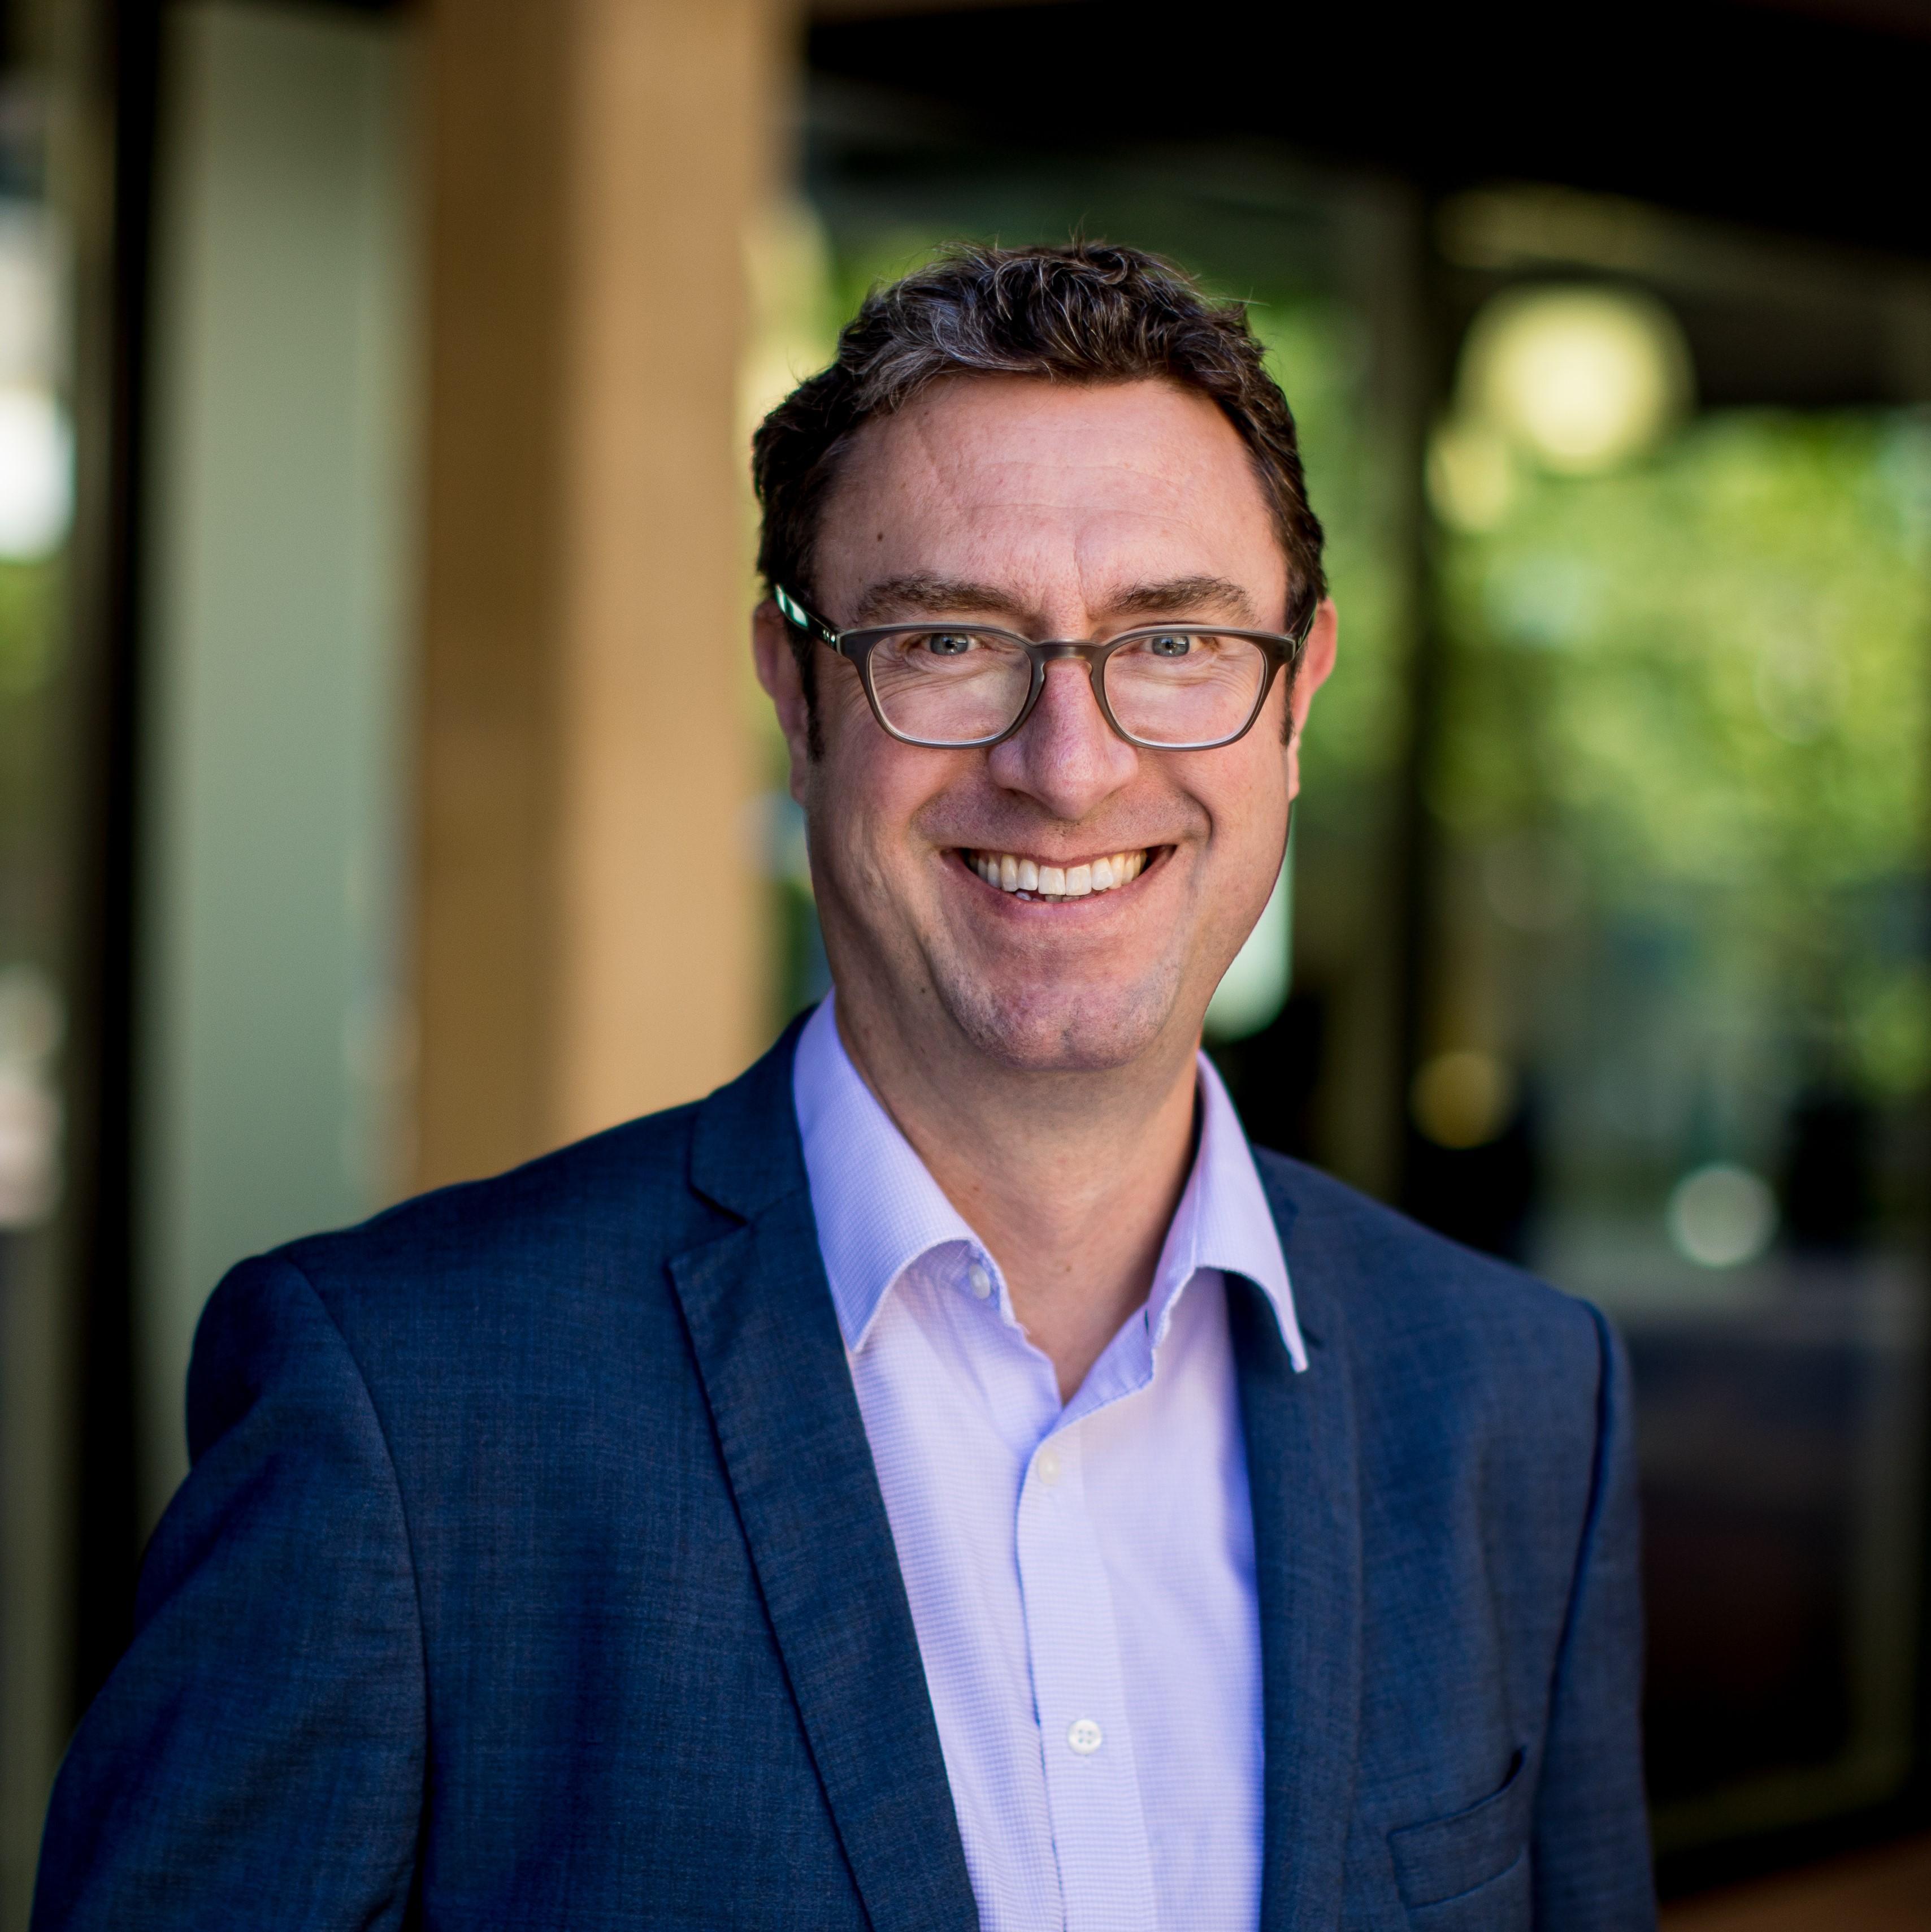 Profile photo of Ben Smith